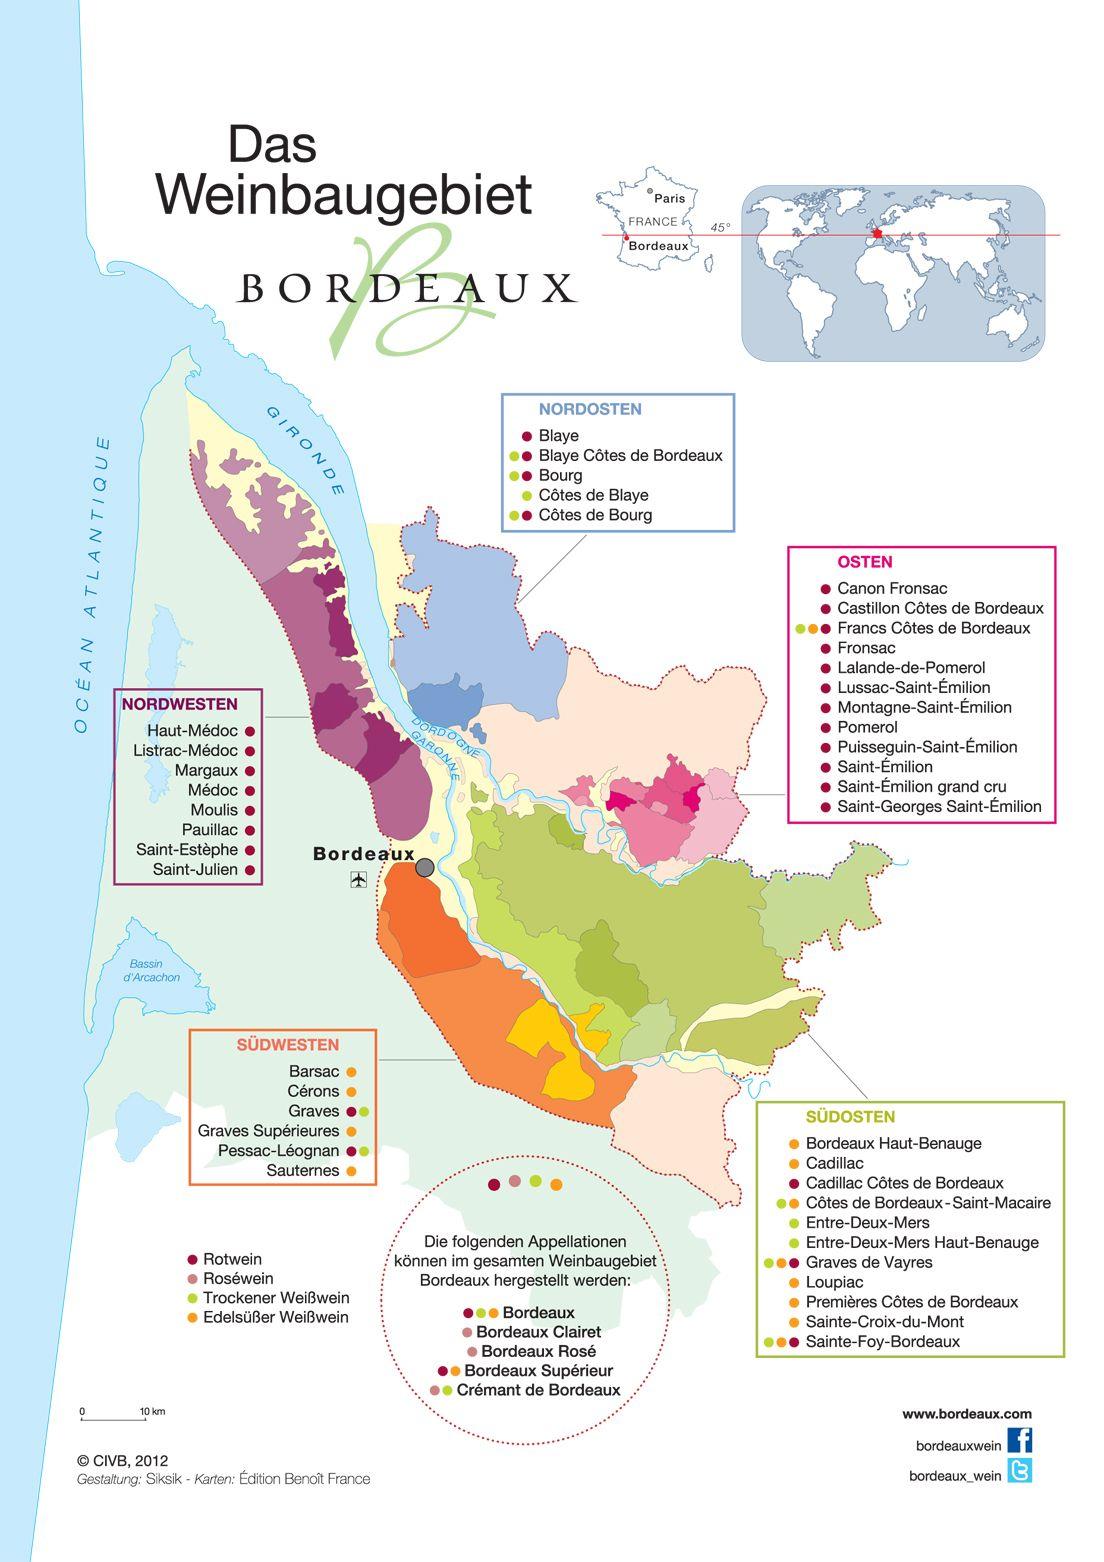 Bordeaux Appellationen Landkarte Der Region Bordeaux Com